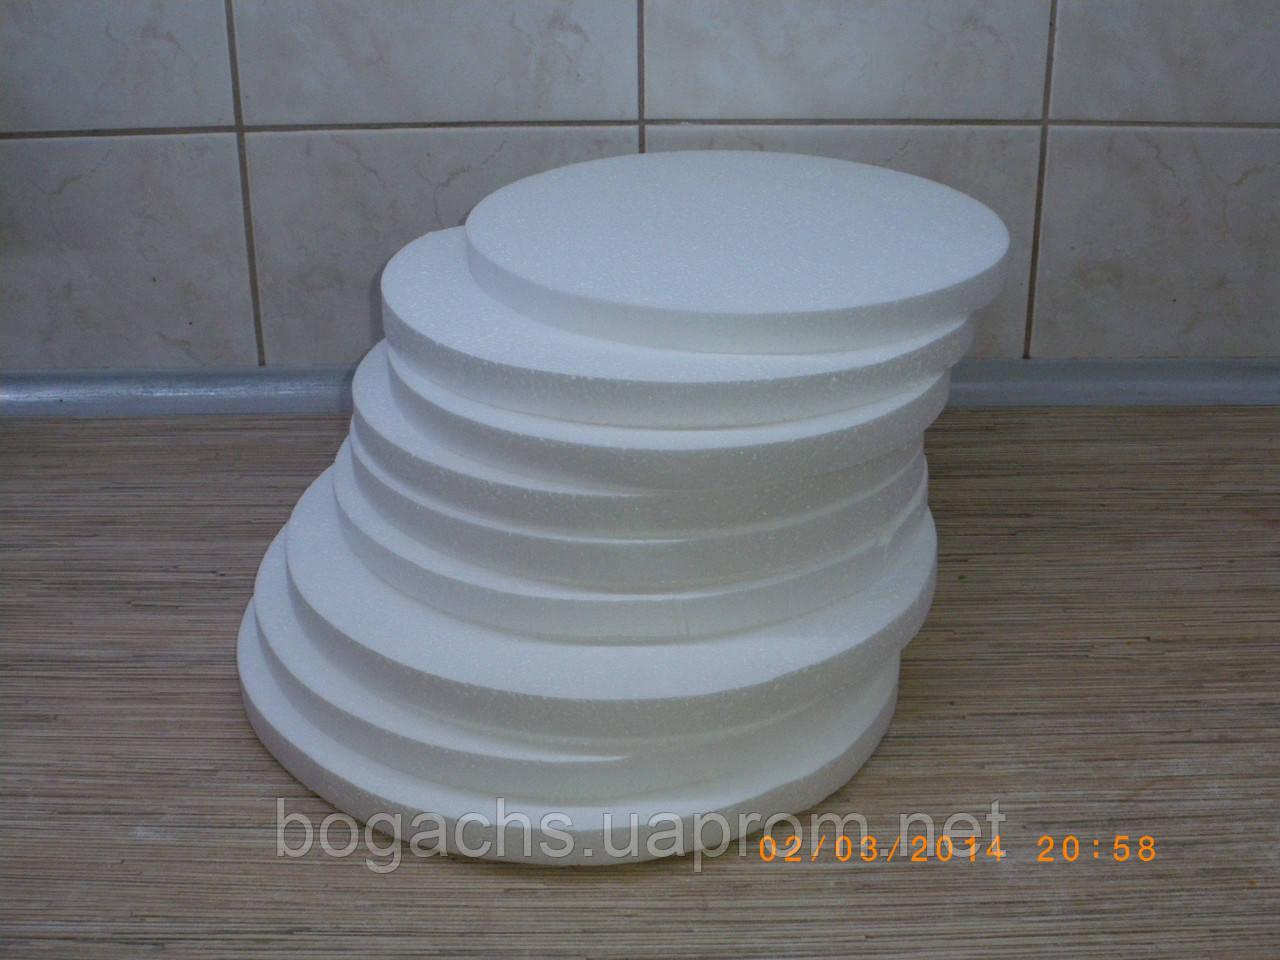 Подложка Ø 46 см 4602 (подставка, основа) из пенопласта под торт